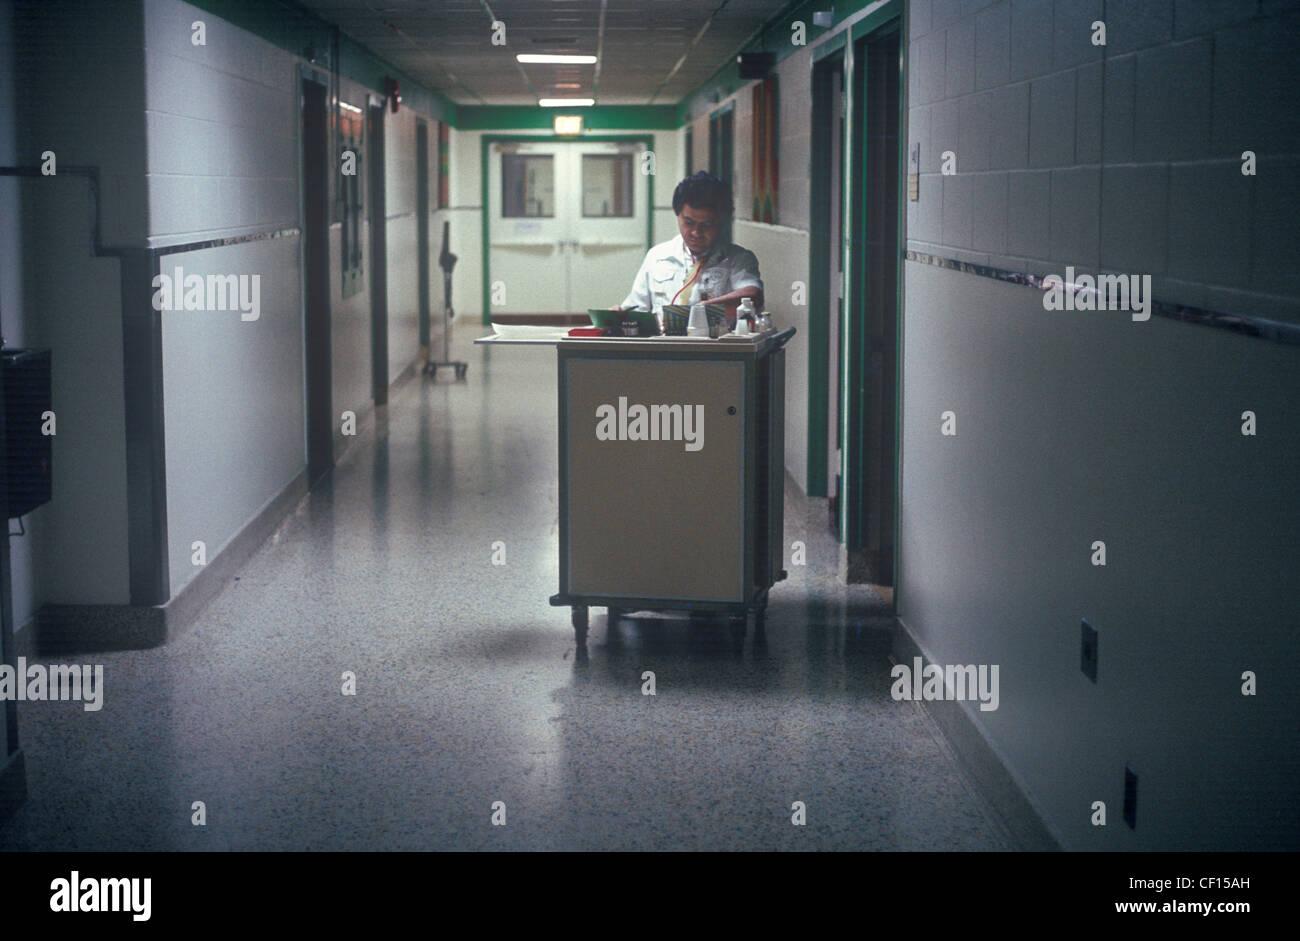 A male nurse dispensing medicine on a hospital floor. - Stock Image